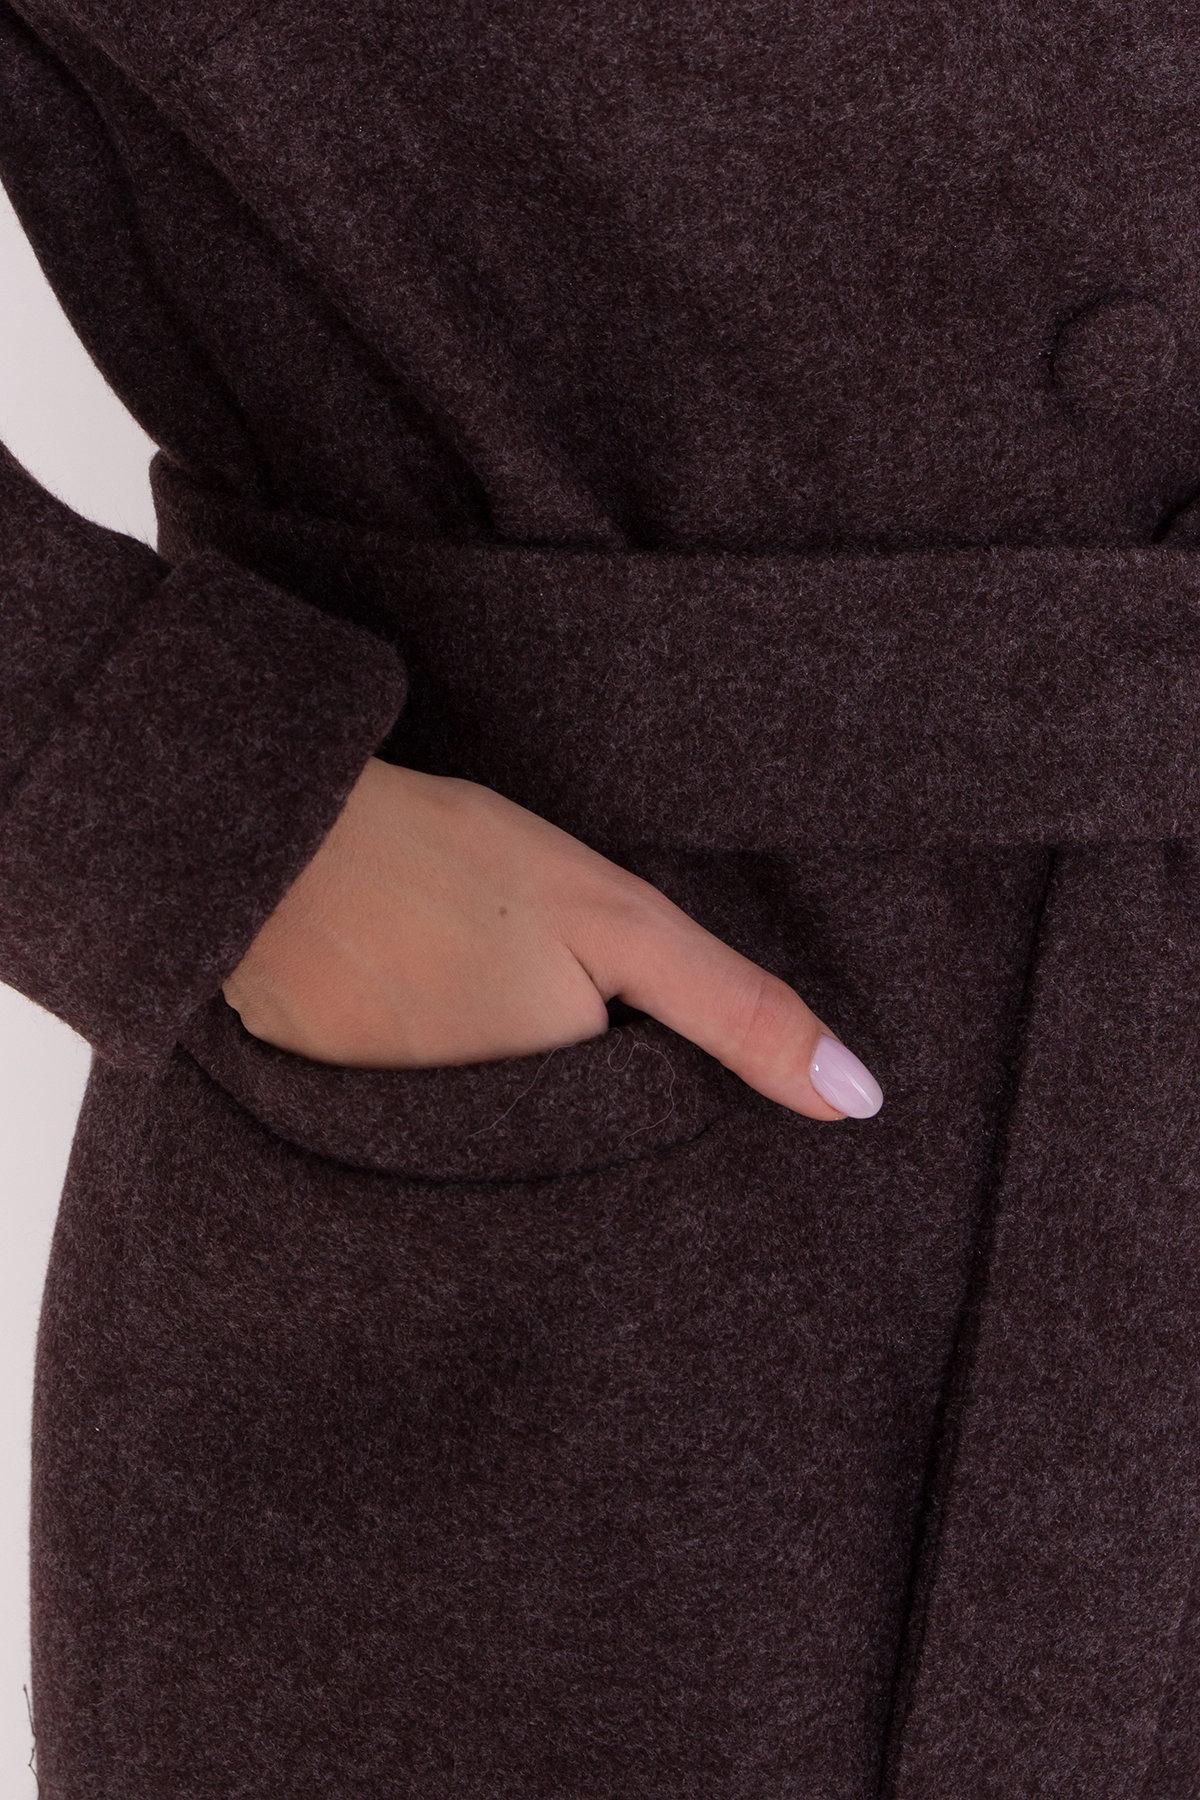 Длинное пальто зима Вива макси 8341 АРТ. 44495 Цвет: Шоколад 7 - фото 19, интернет магазин tm-modus.ru